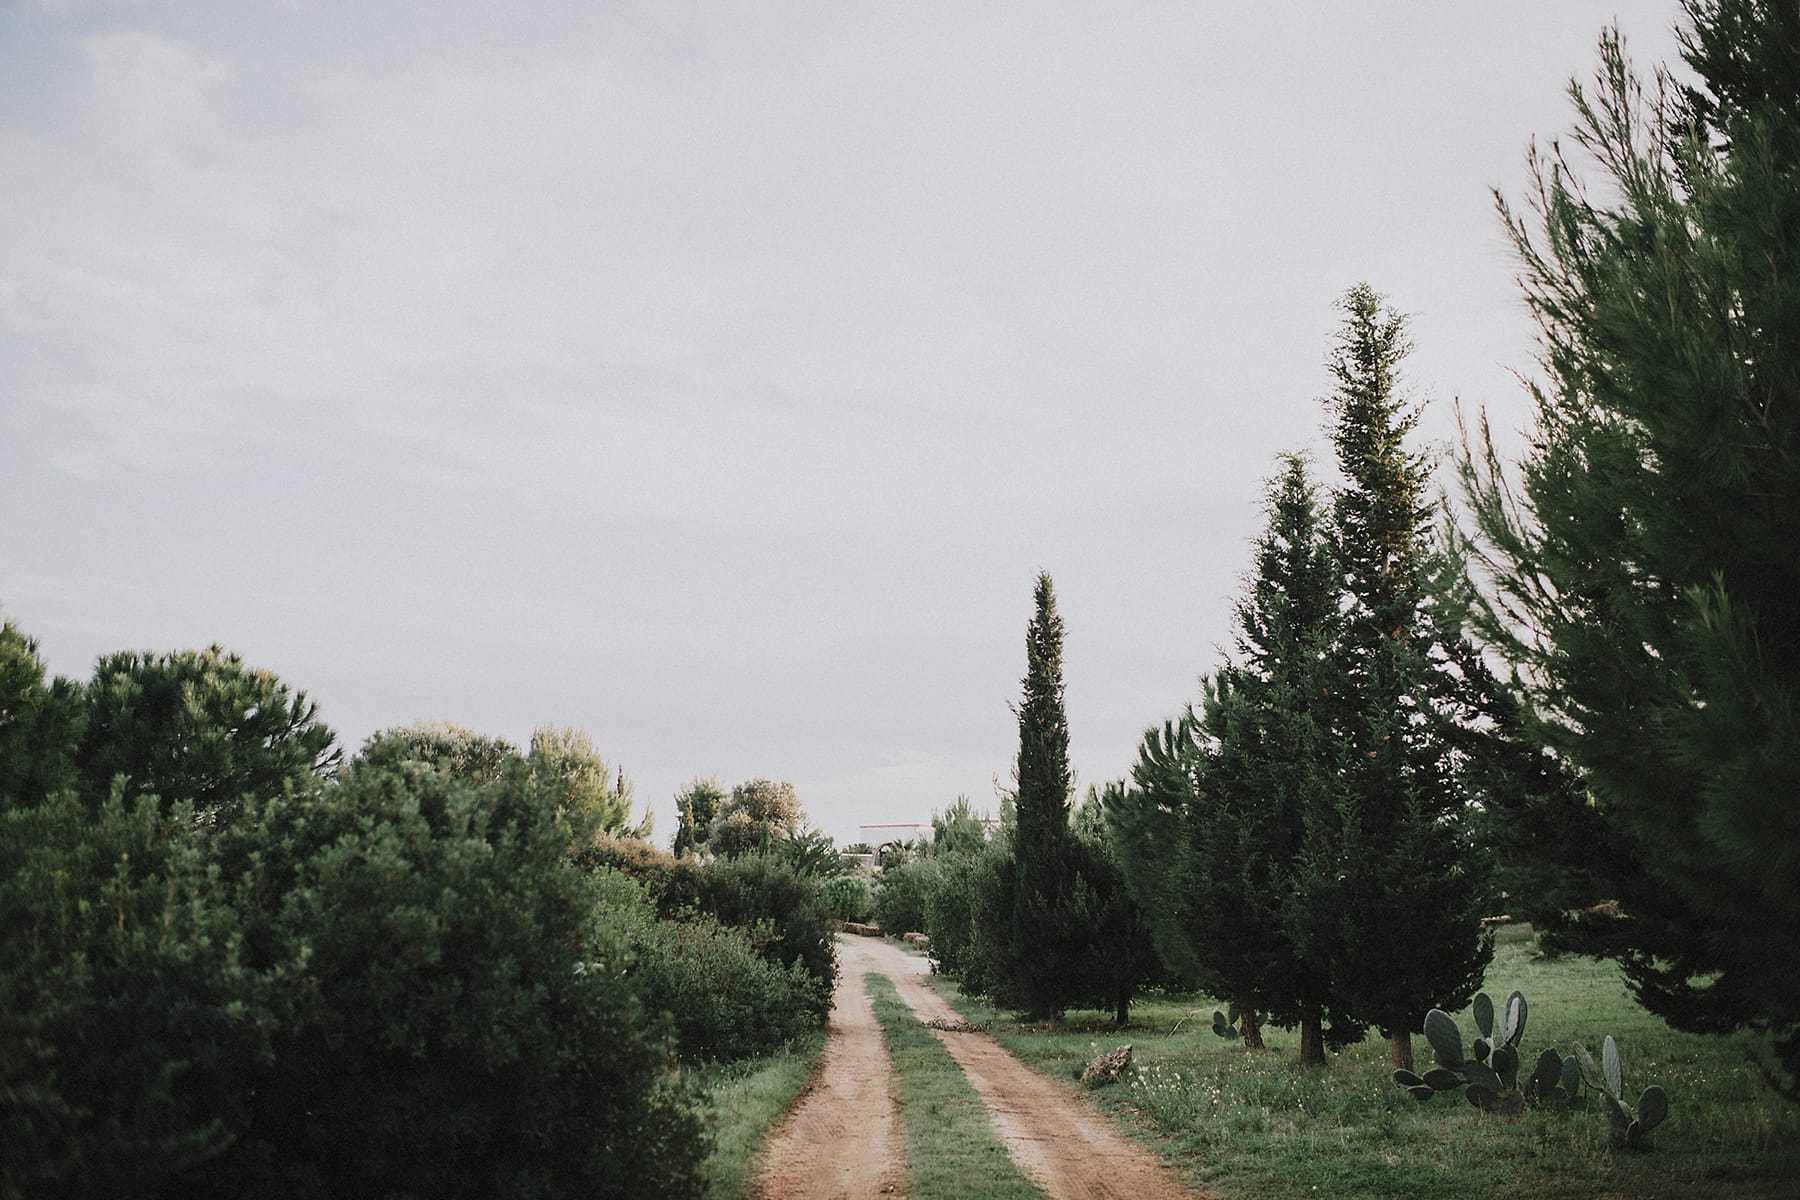 hilario_sanchez_fotografo_boda_ostuni_italia_088